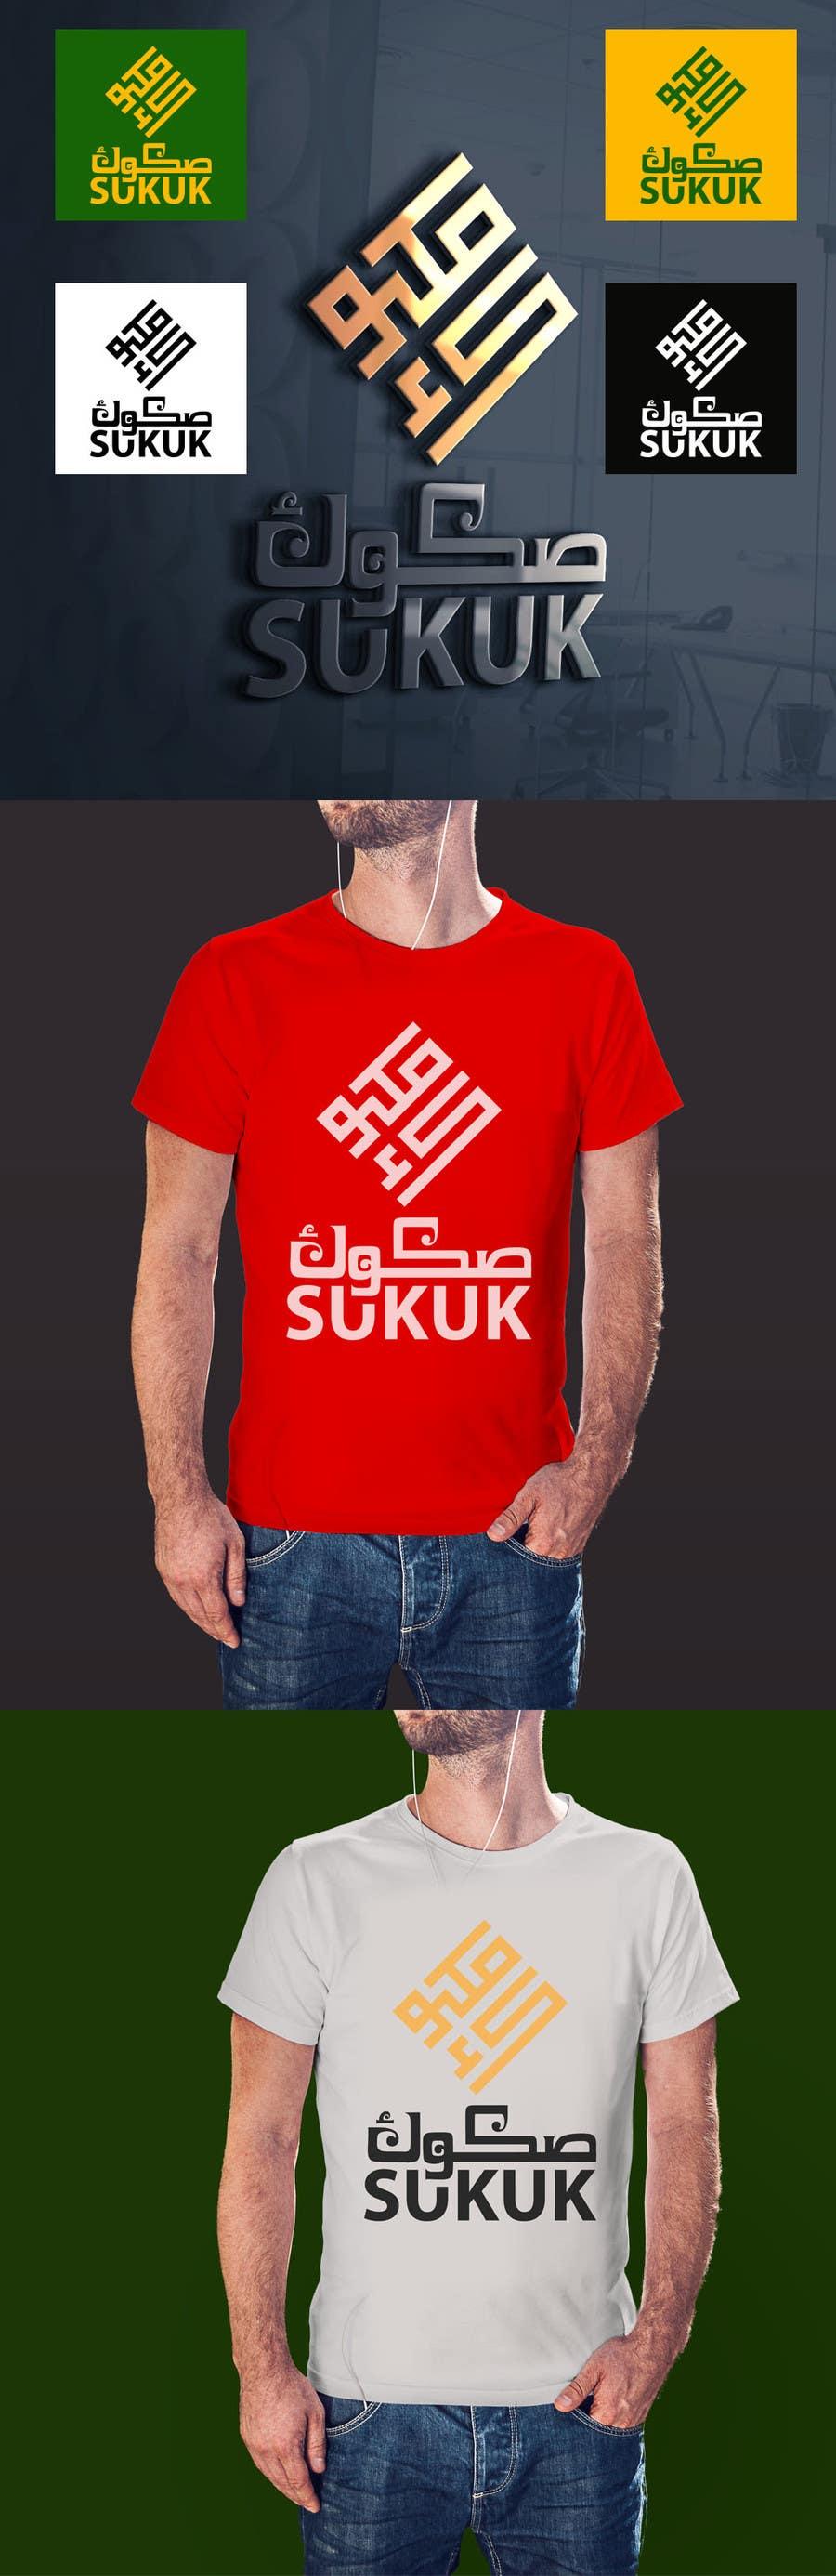 Proposition n°112 du concours Design an Arabic Logo for SUKUK